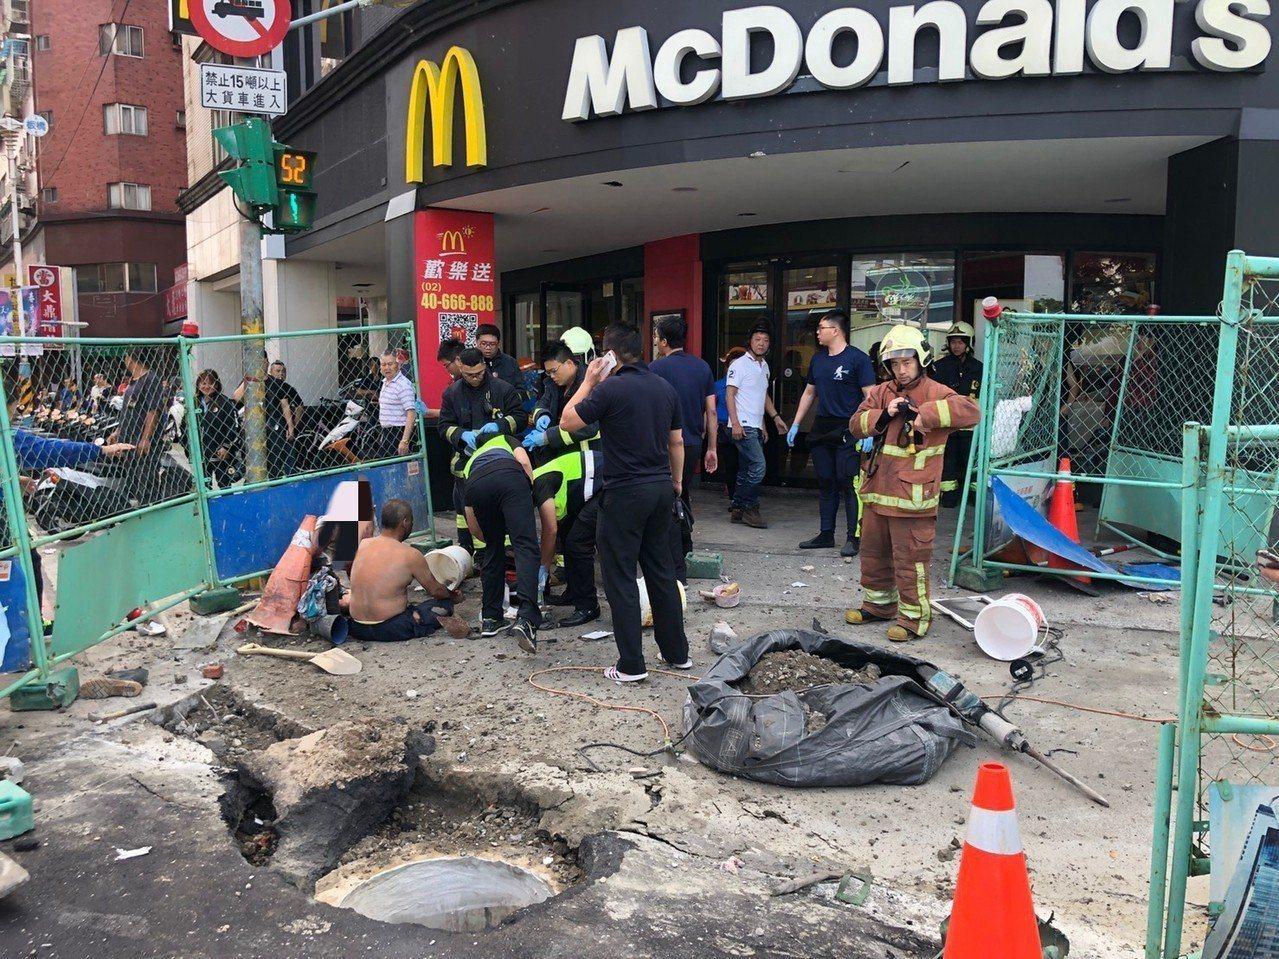 3名施工工人遭炸傷,警消在現場處理。記者王騰毅/攝影